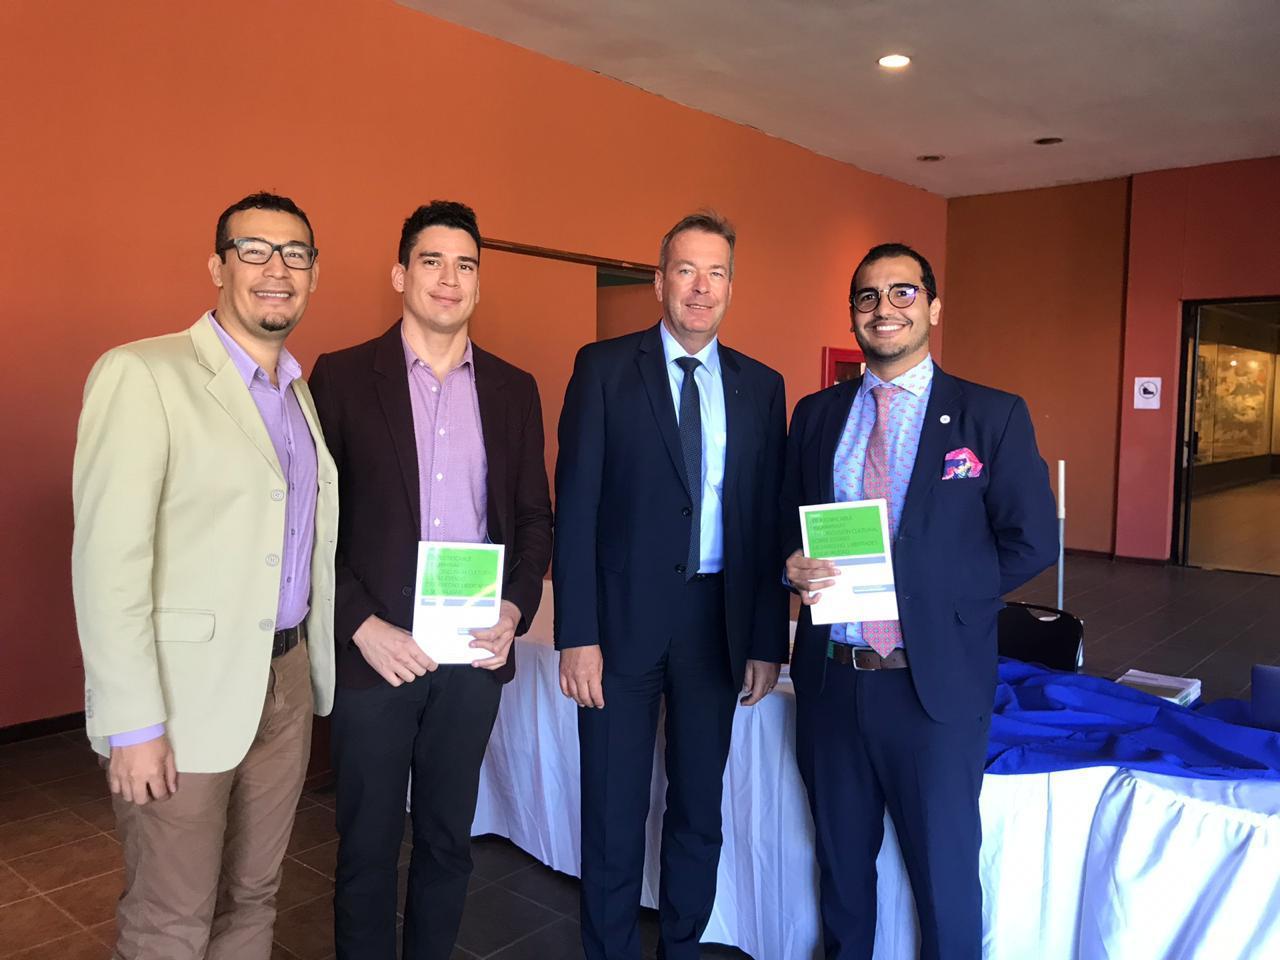 Herman Duarte presenta libro en El Salvador acompañado de diplomáticos y directores de Fundación Igualitos